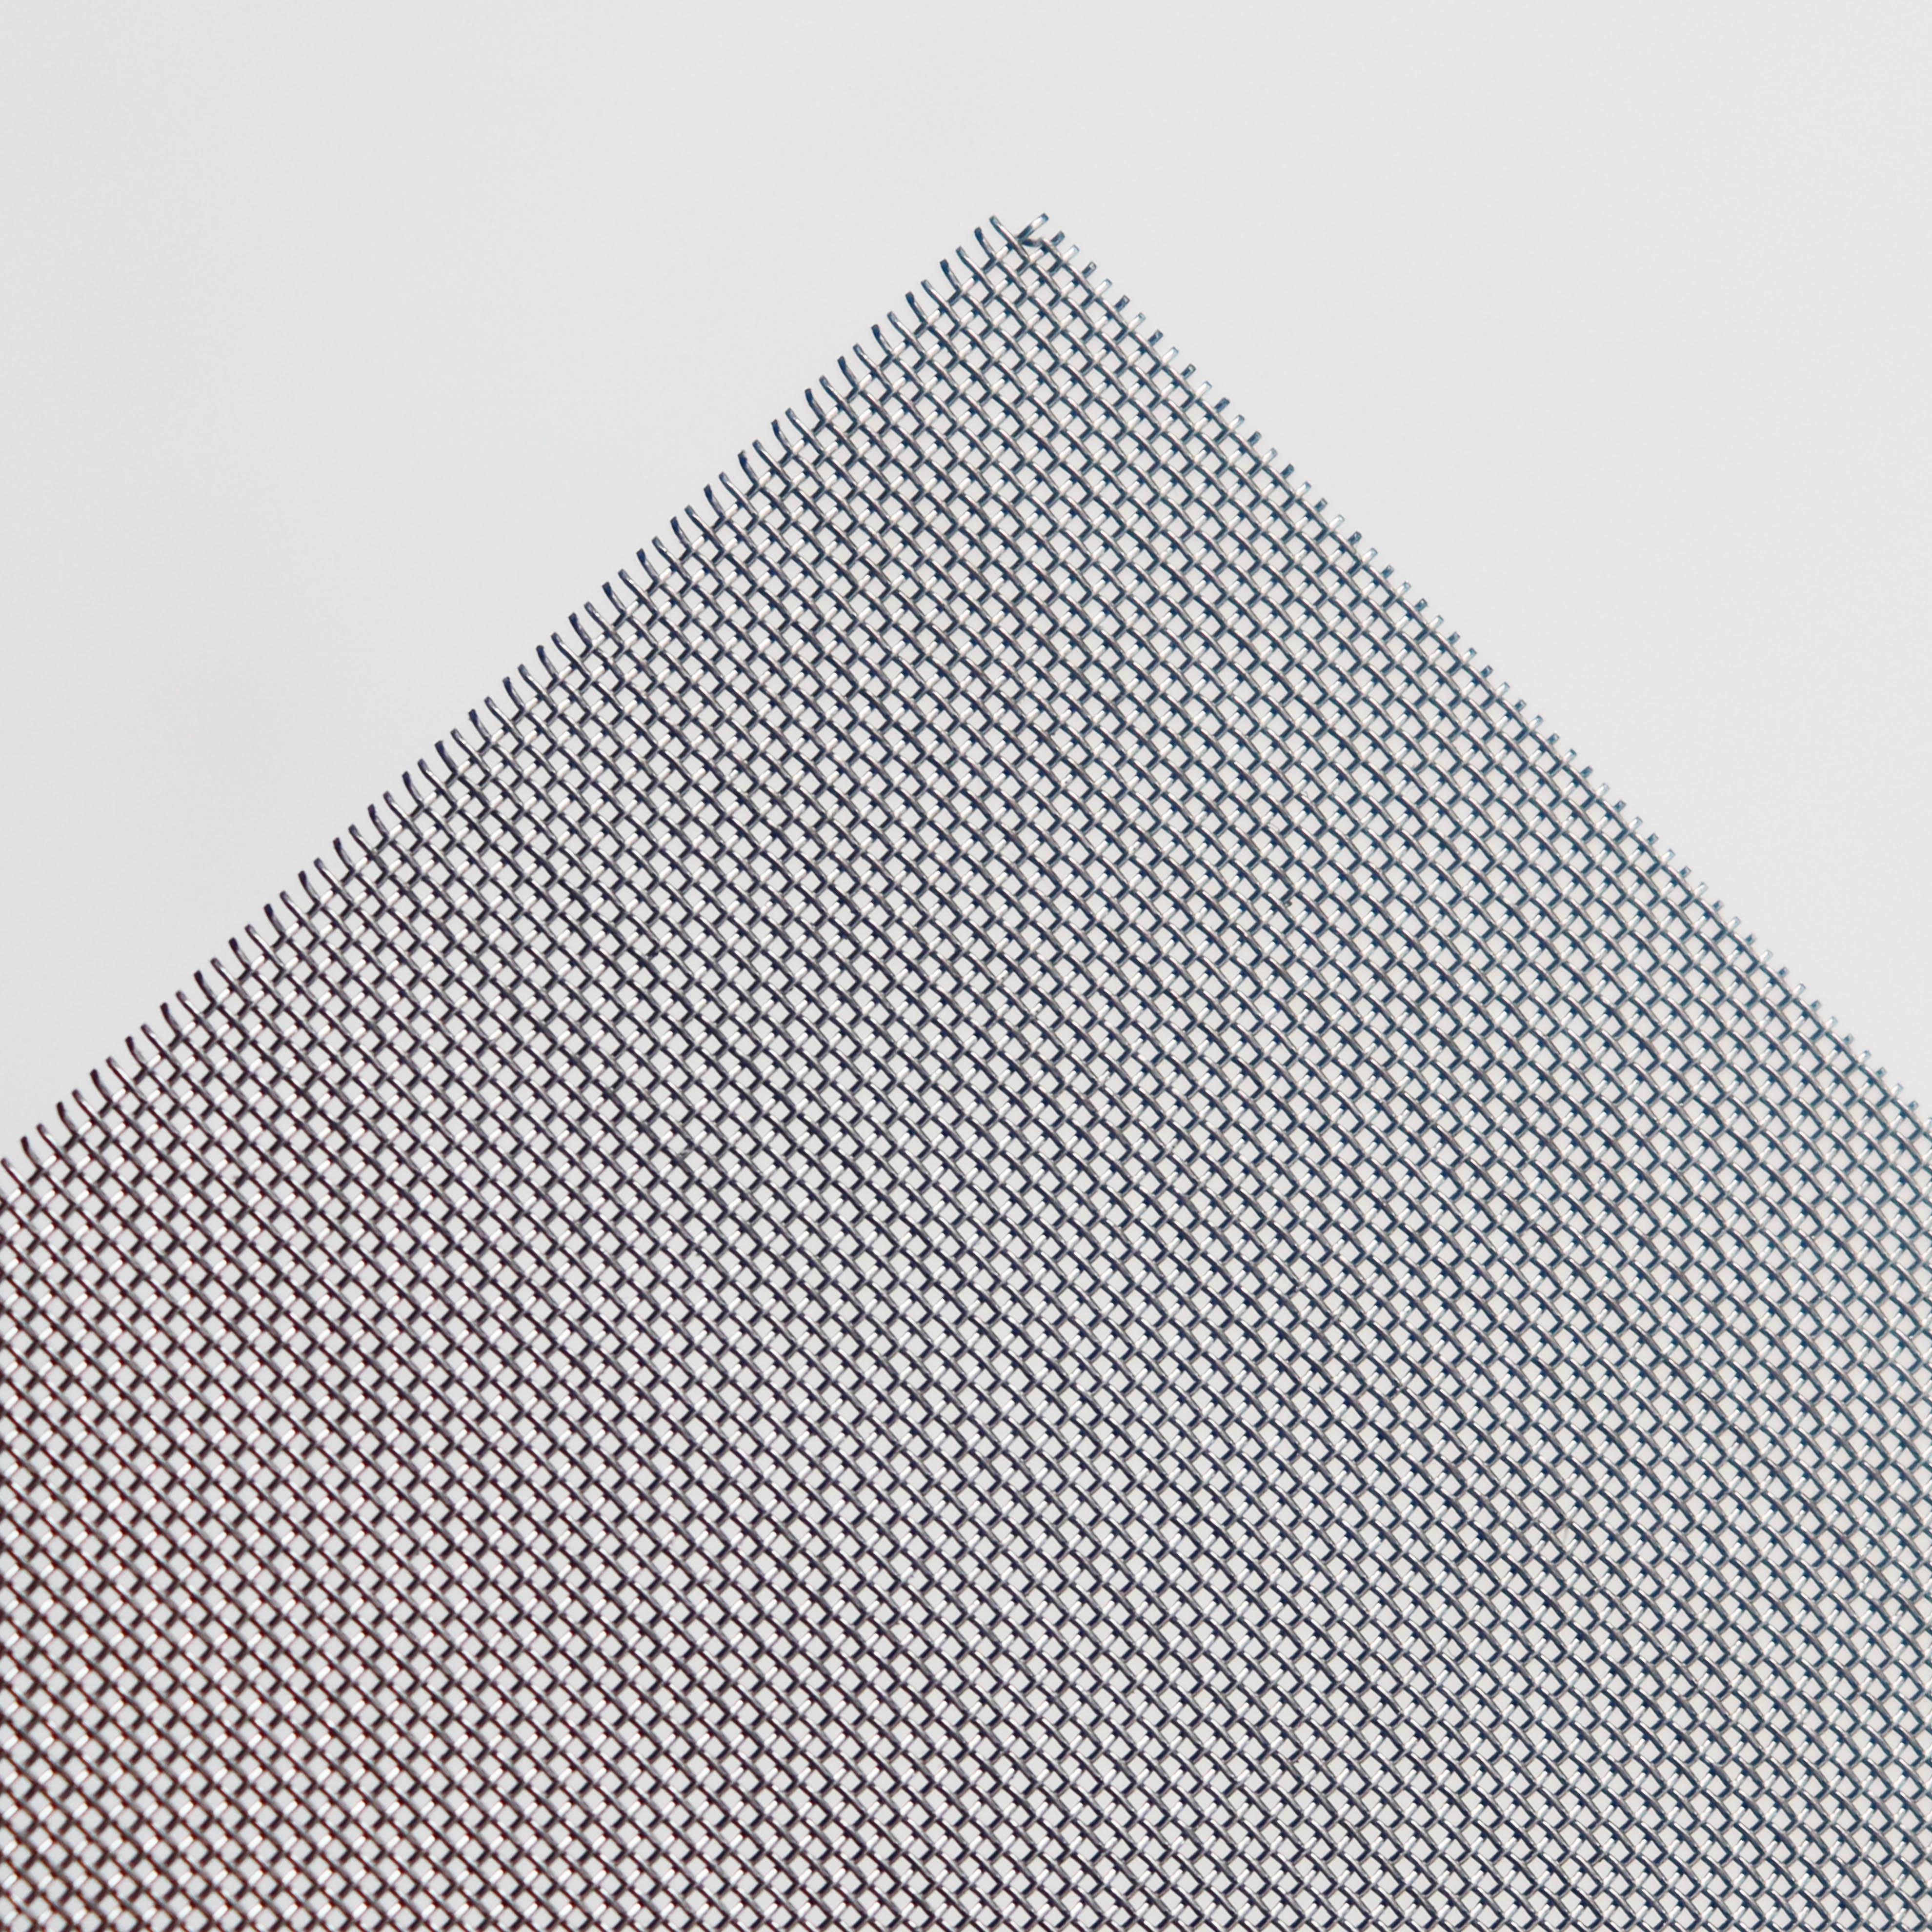 30cm x 40cm Edelstahlgewebe V2A Siebfilter Bogensieb Edelstahlsieb Trommelfilter